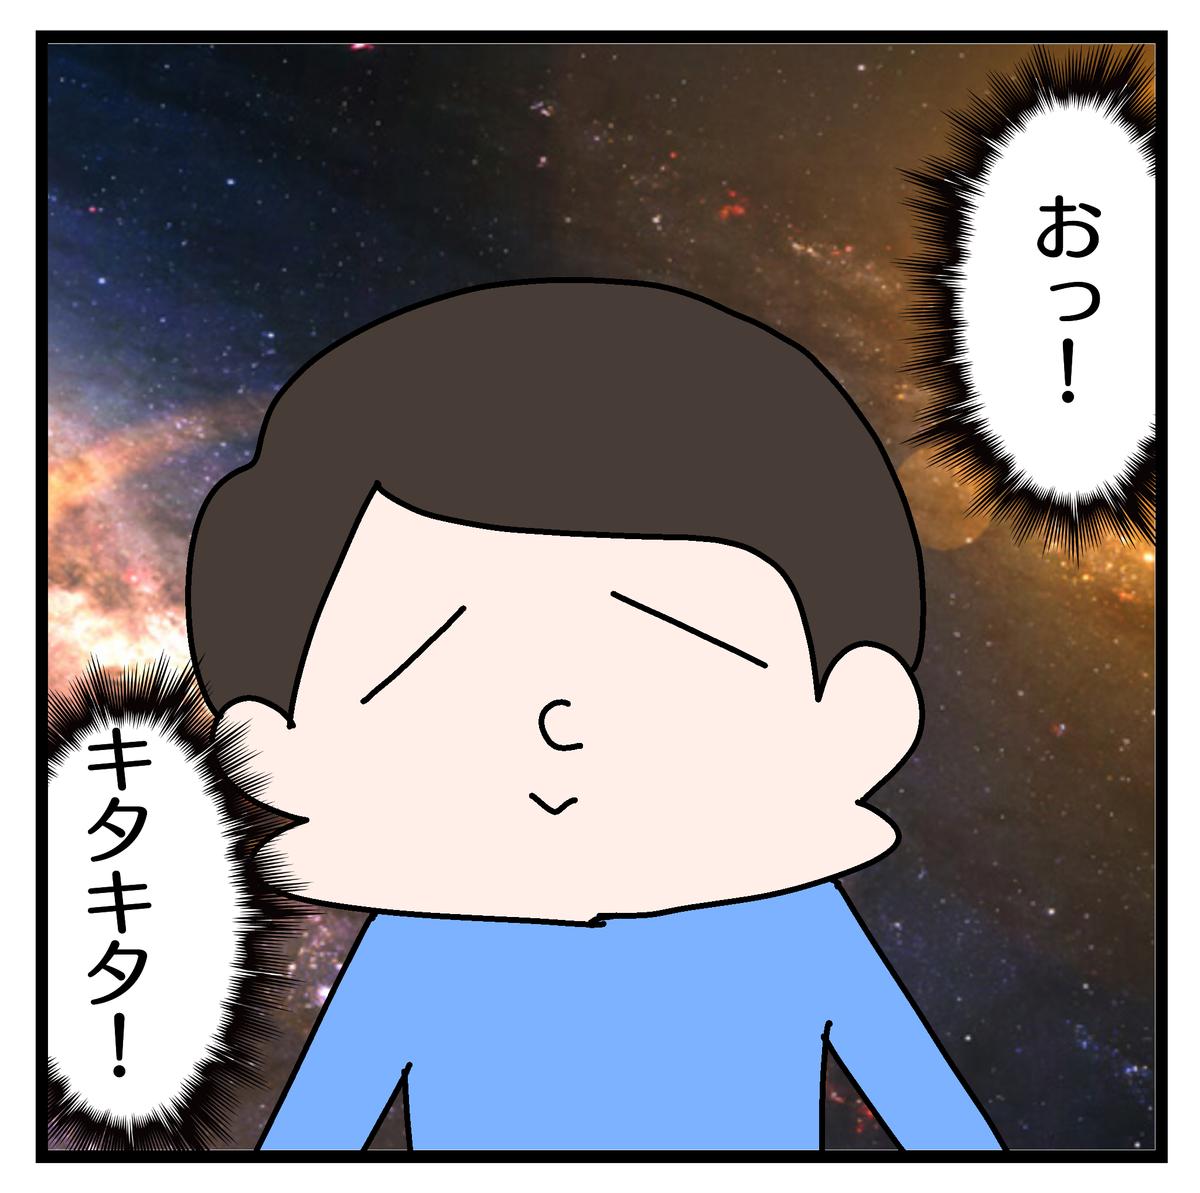 f:id:YuruFuwaTa:20200724151603p:plain